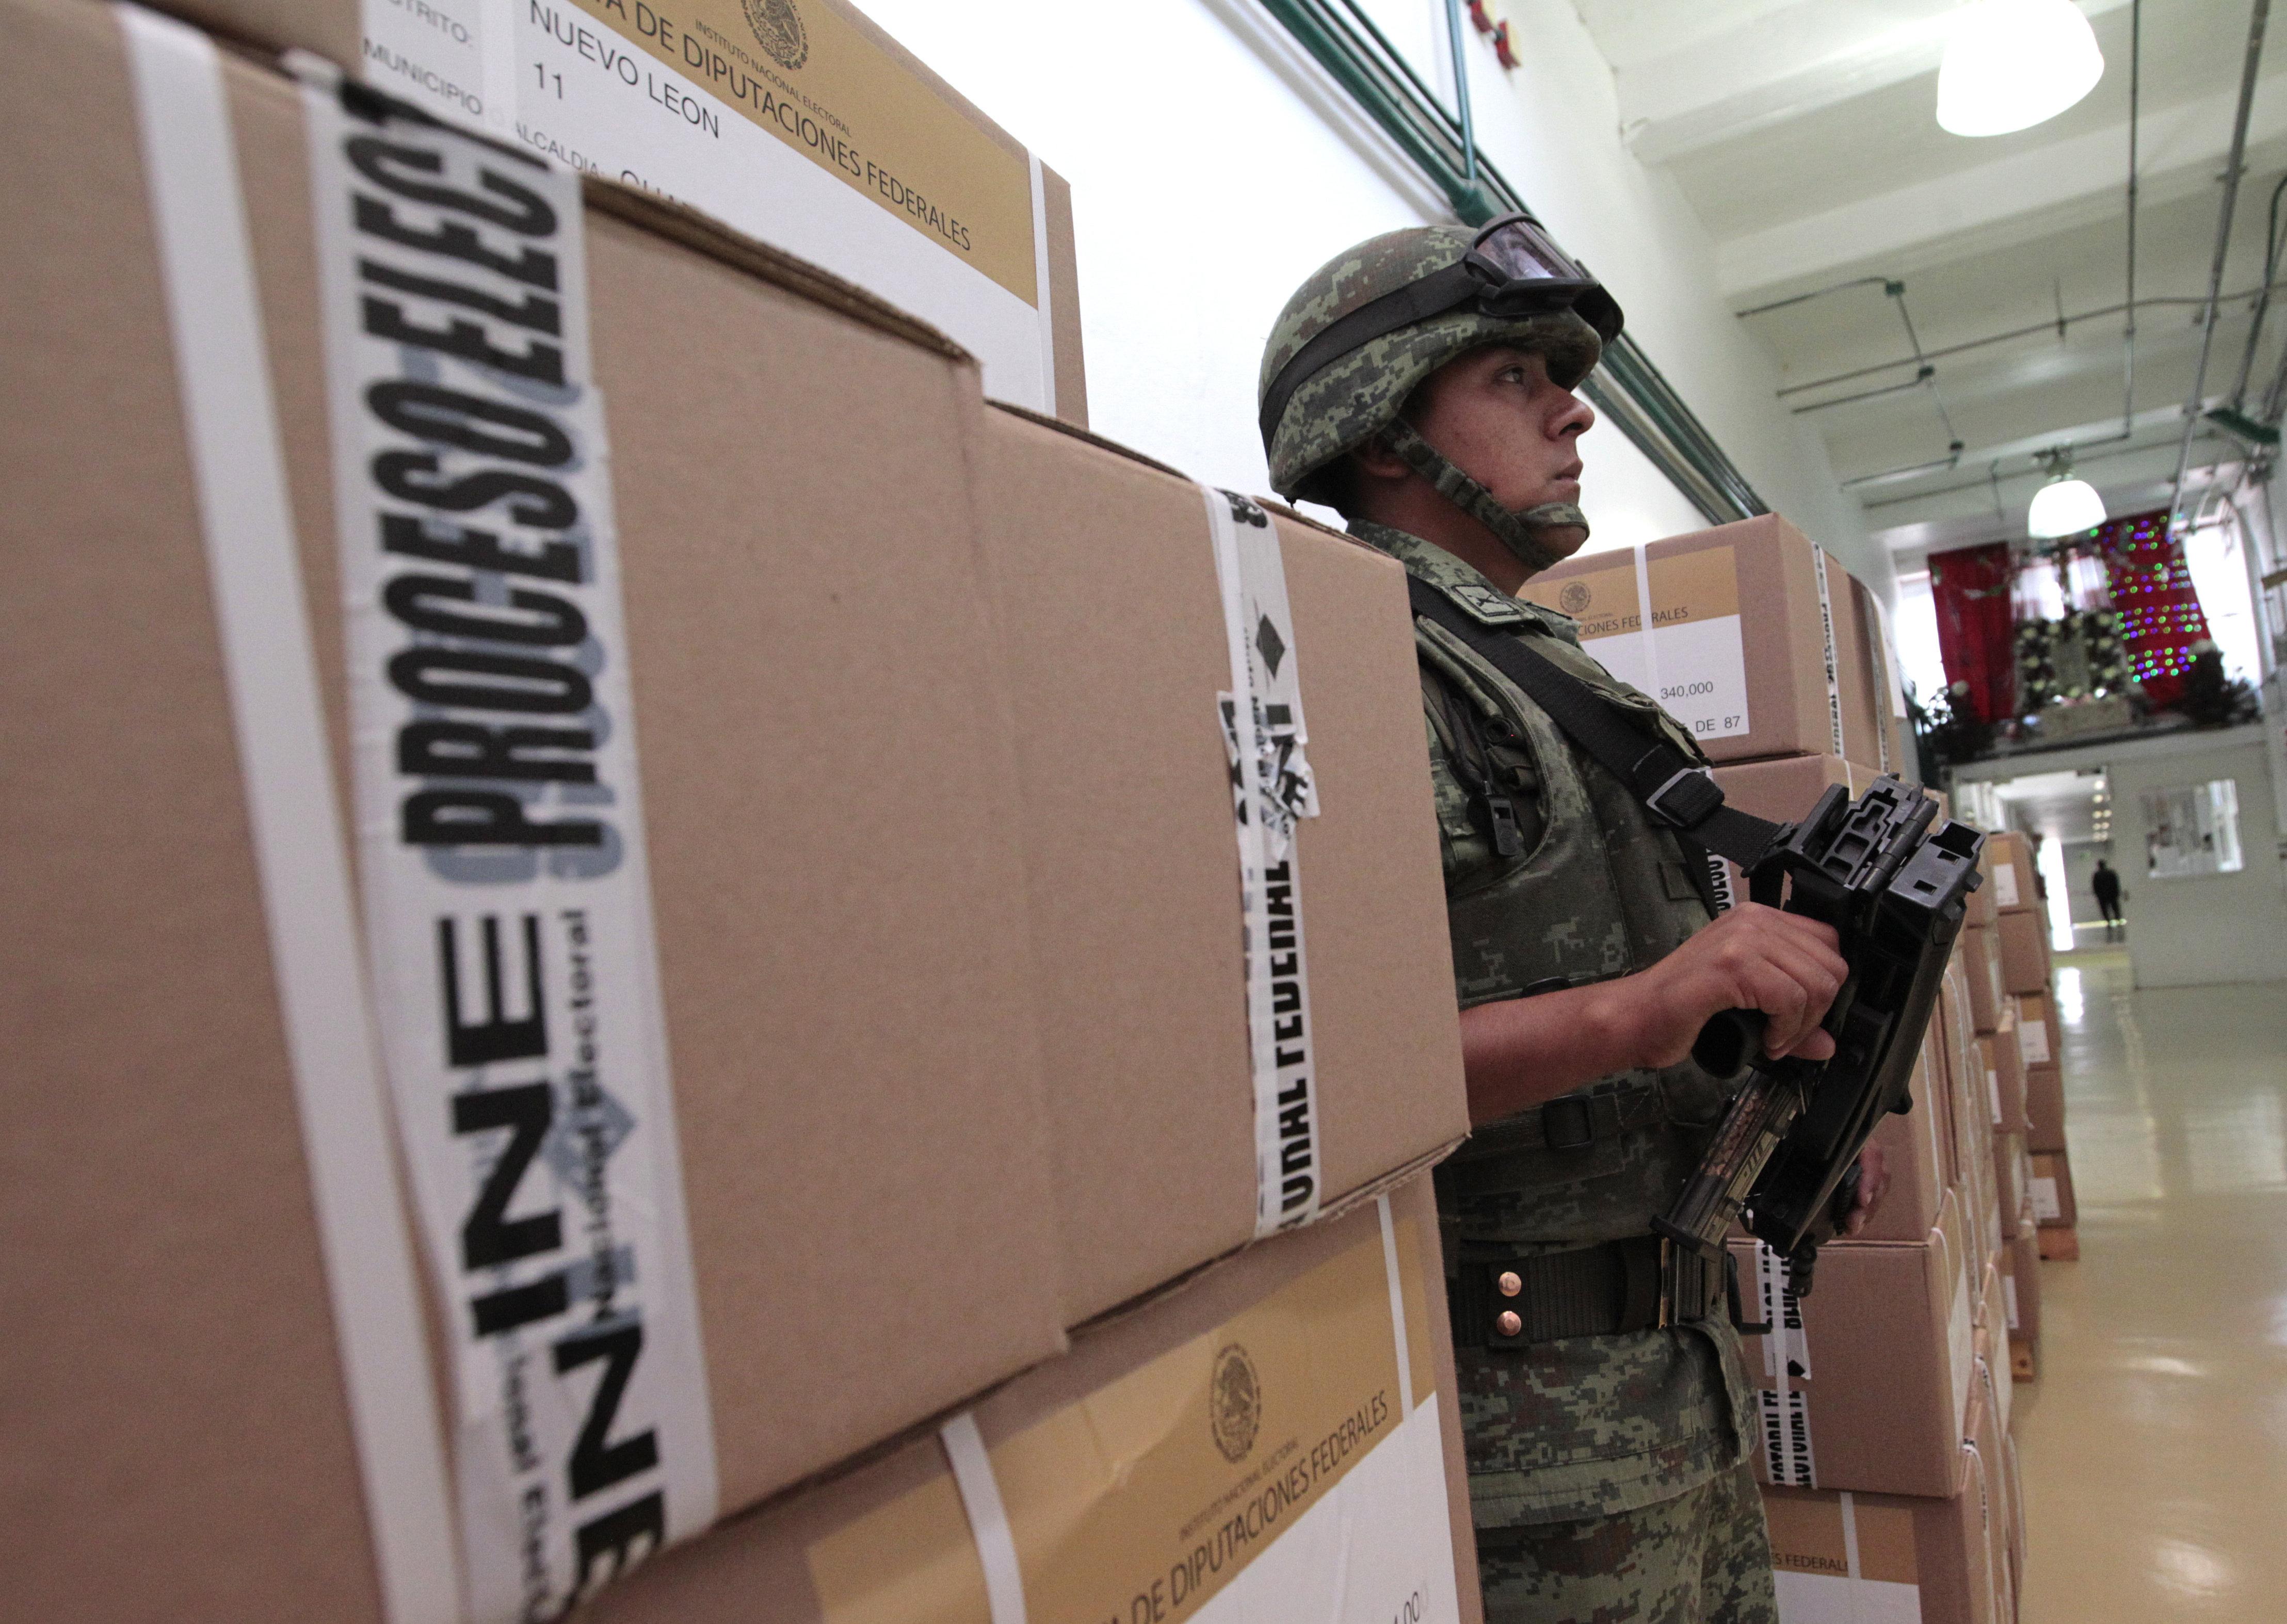 Un soldat custodia el procés d'impressió de les primeres paperetes per a les eleccions presidencials del pròxim 1 de juliol en els tallers gràfics de Ciutat de Mèxic (Mèxic). /MARIO GUZMÁN